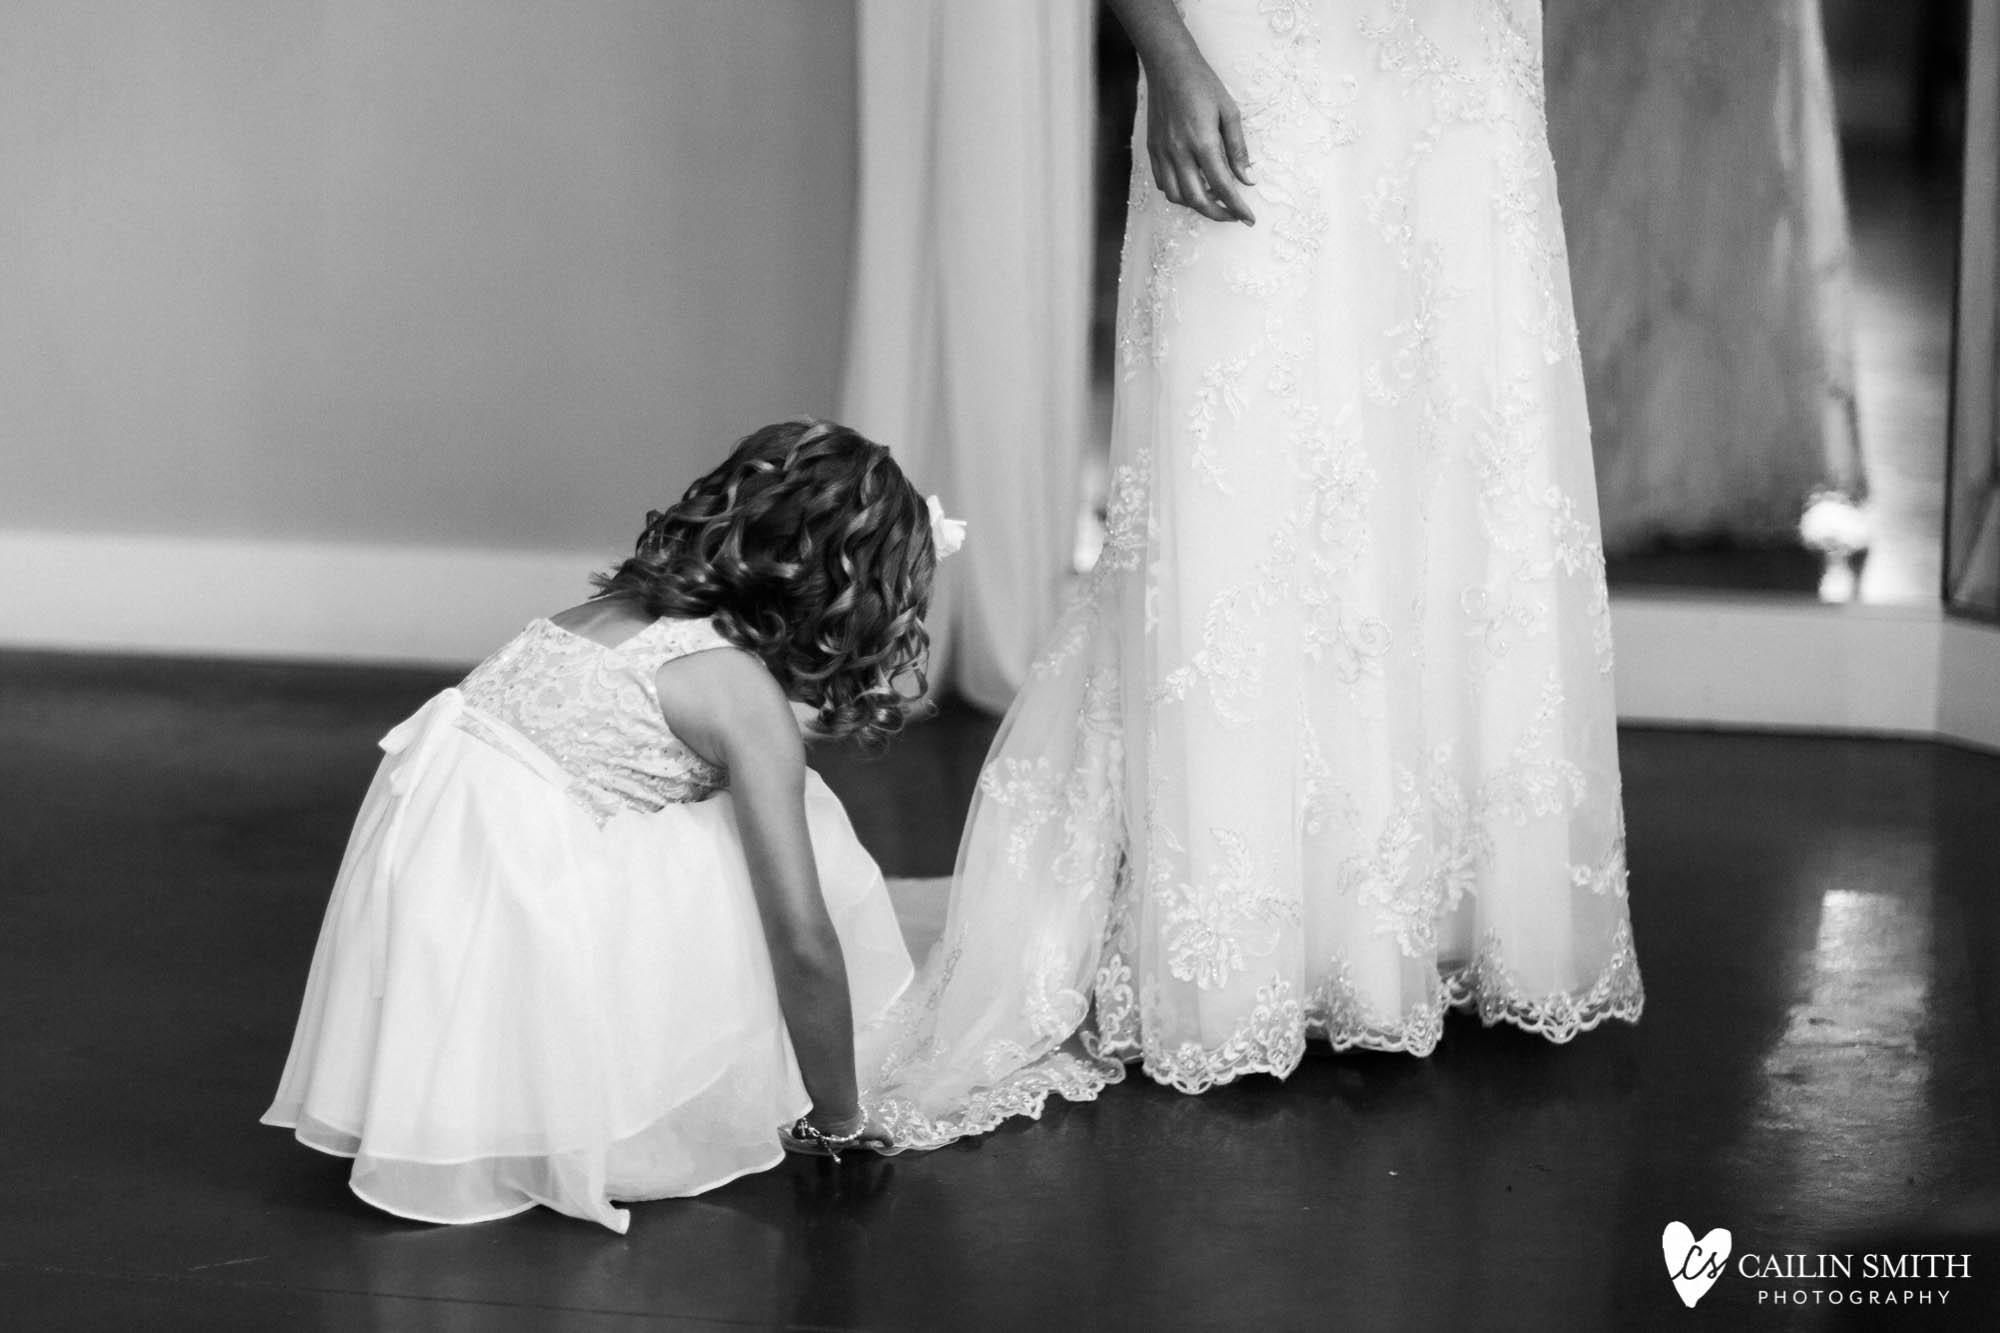 Bethany_Kyle_Bowing_Oaks_Plantation_Wedding_Photography_0018.jpg